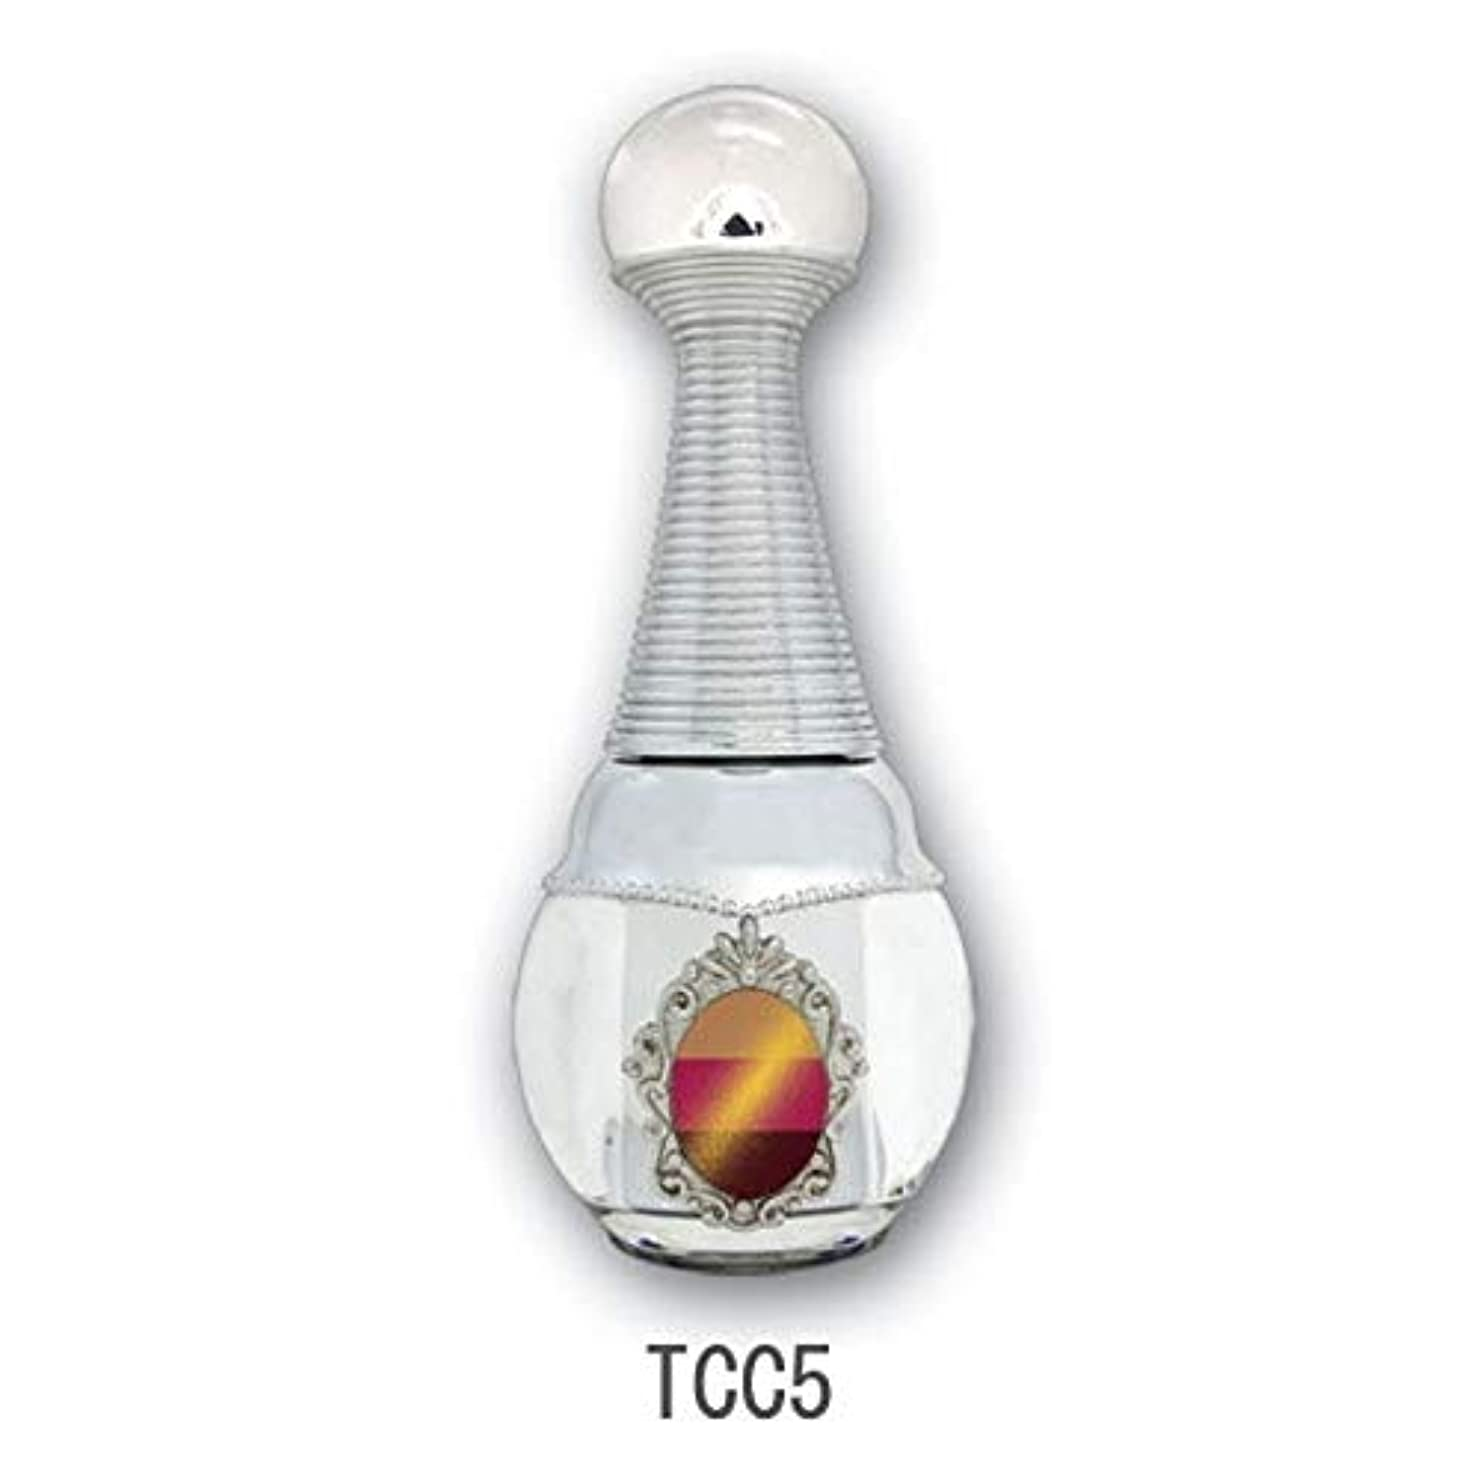 収縮憂慮すべきわずらわしいKENZICO (ケンジコ) Triple Cat's Eye Gel 【TCC5】 トリプルキャッツアイ 10m プロ用 3つの色に変わる キャッツアイジェル